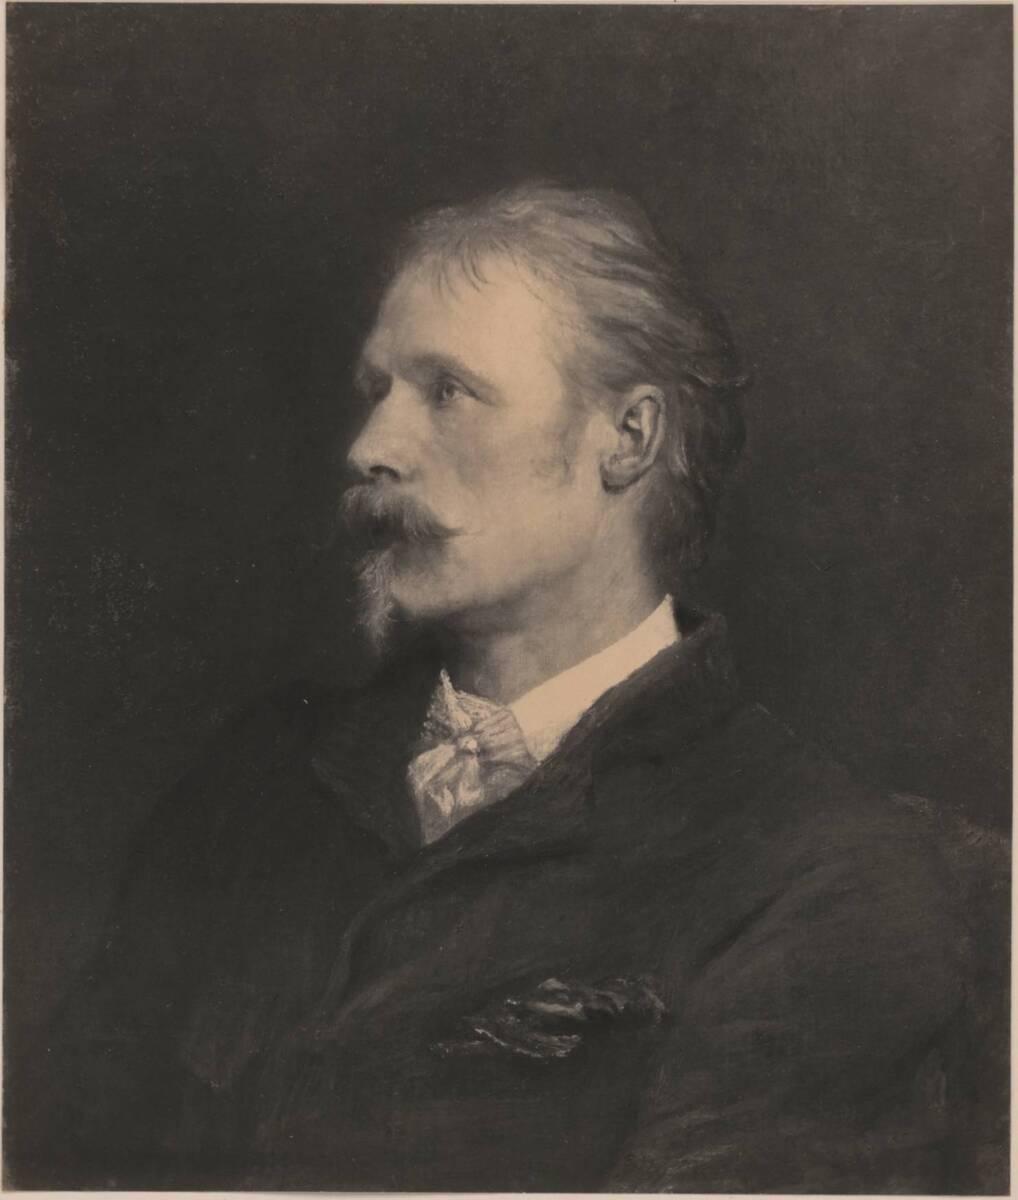 Fotografie einer Porträtmalerei des Malers Walter Crane, von George Frederick Watts (vom Bearbeiter vergebener Titel) von Anonym